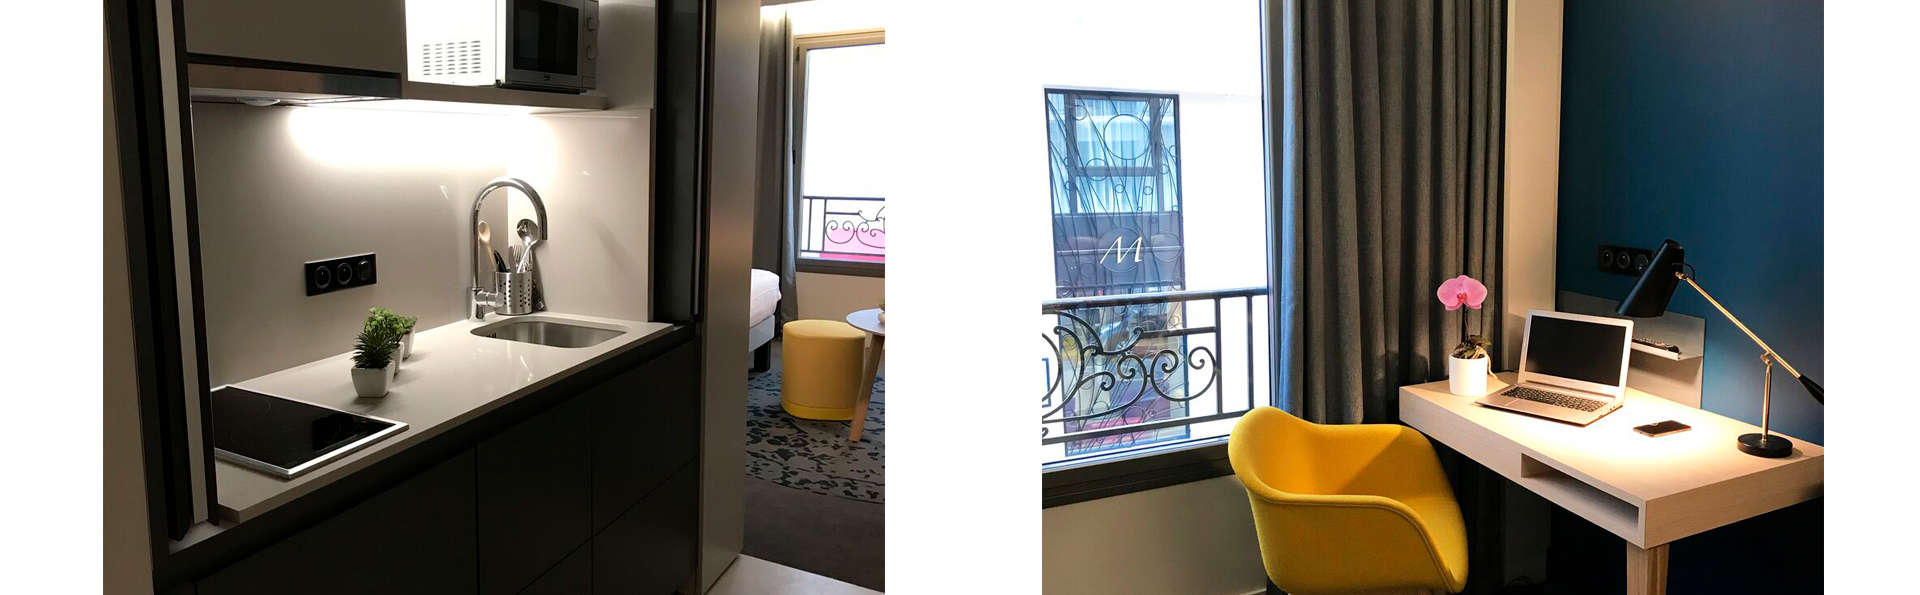 Némea - Résidence Cannes Palais Appart'Hotel - Edit_Collage-Room.jpg